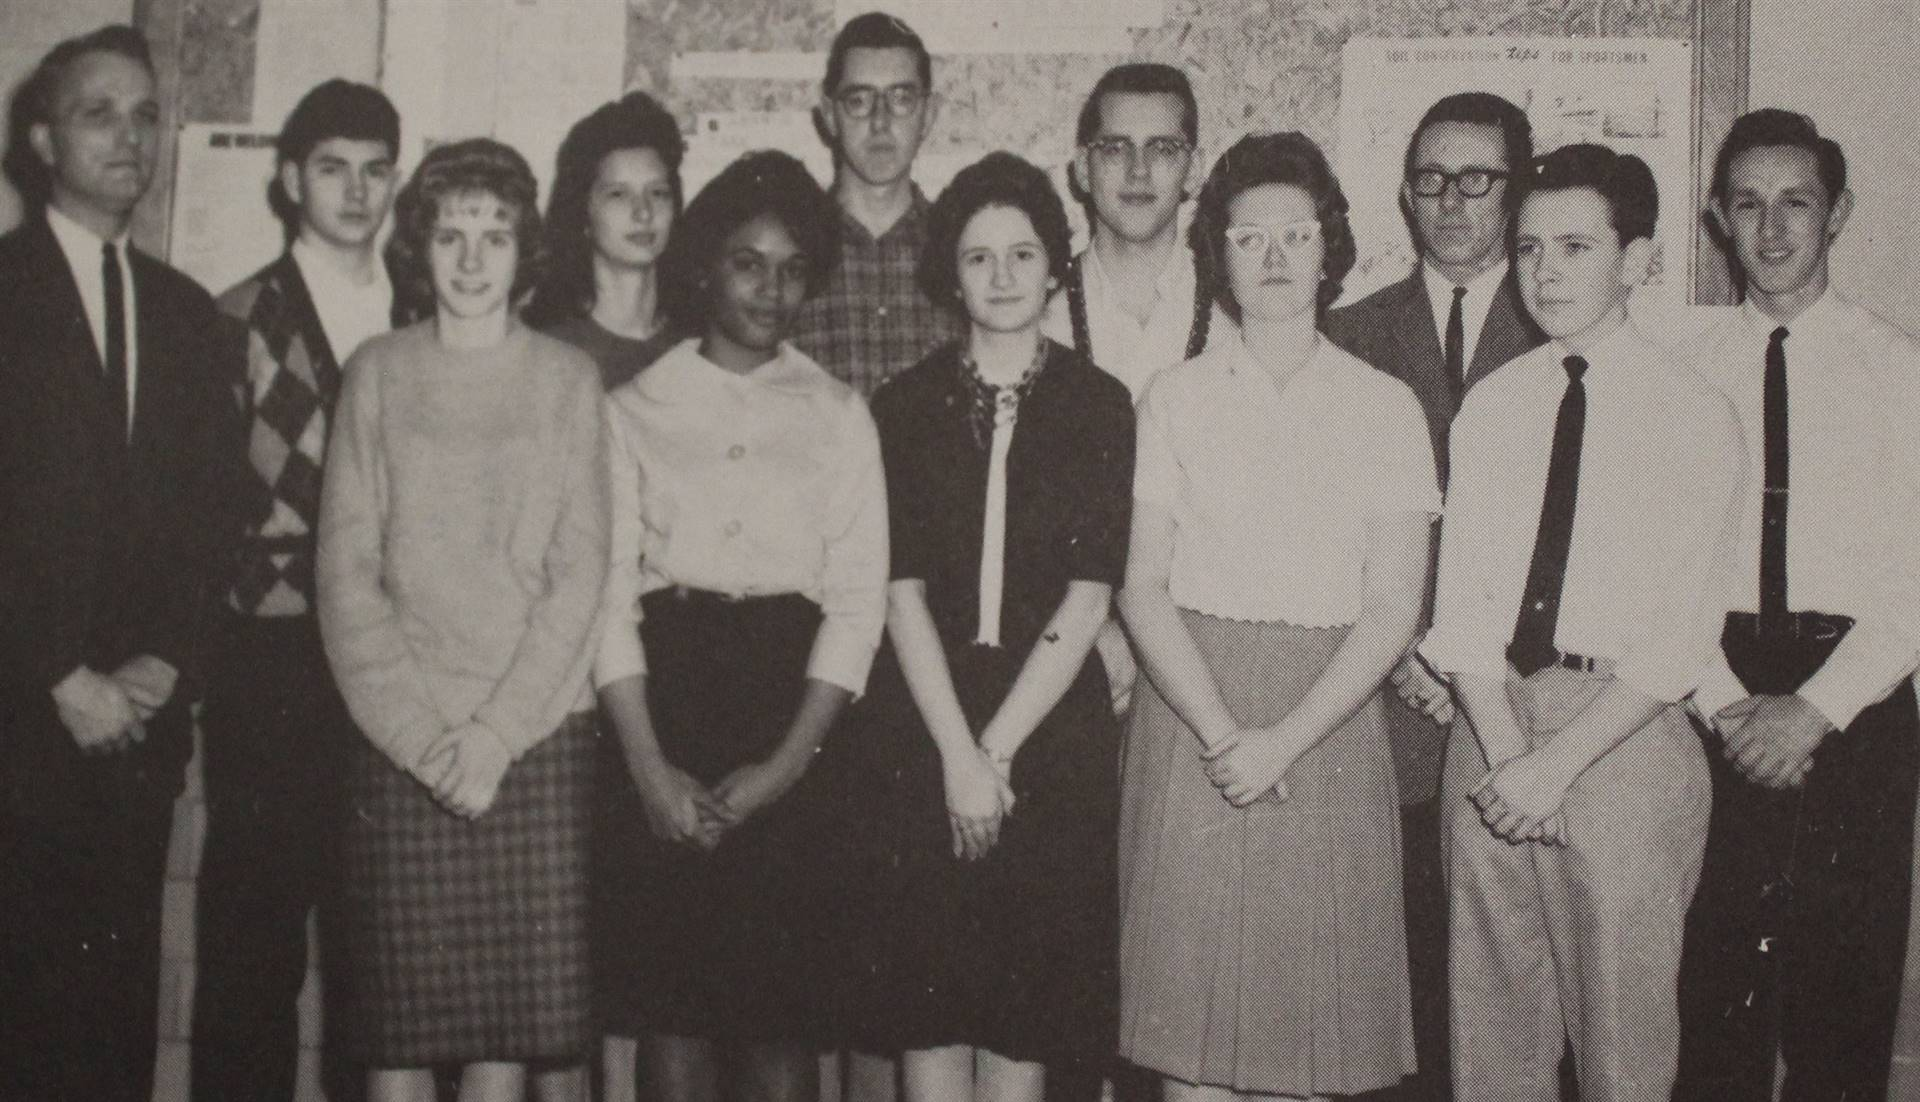 1962 Honor Society